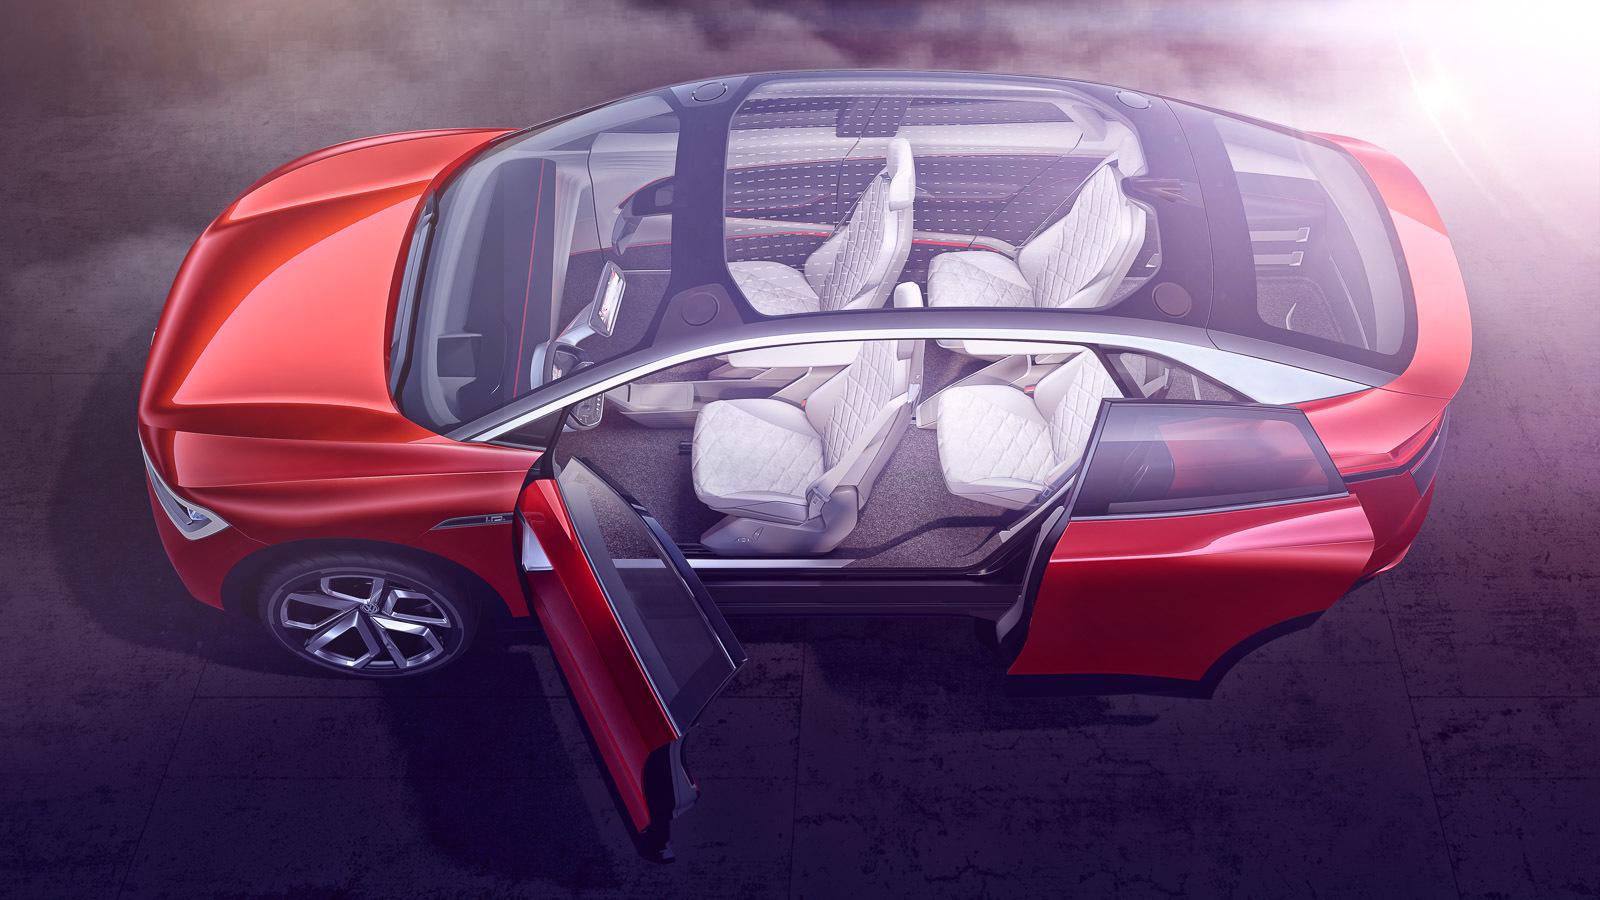 Электрический кроссовер Volkswagen выйдет на рынок в 2020 году